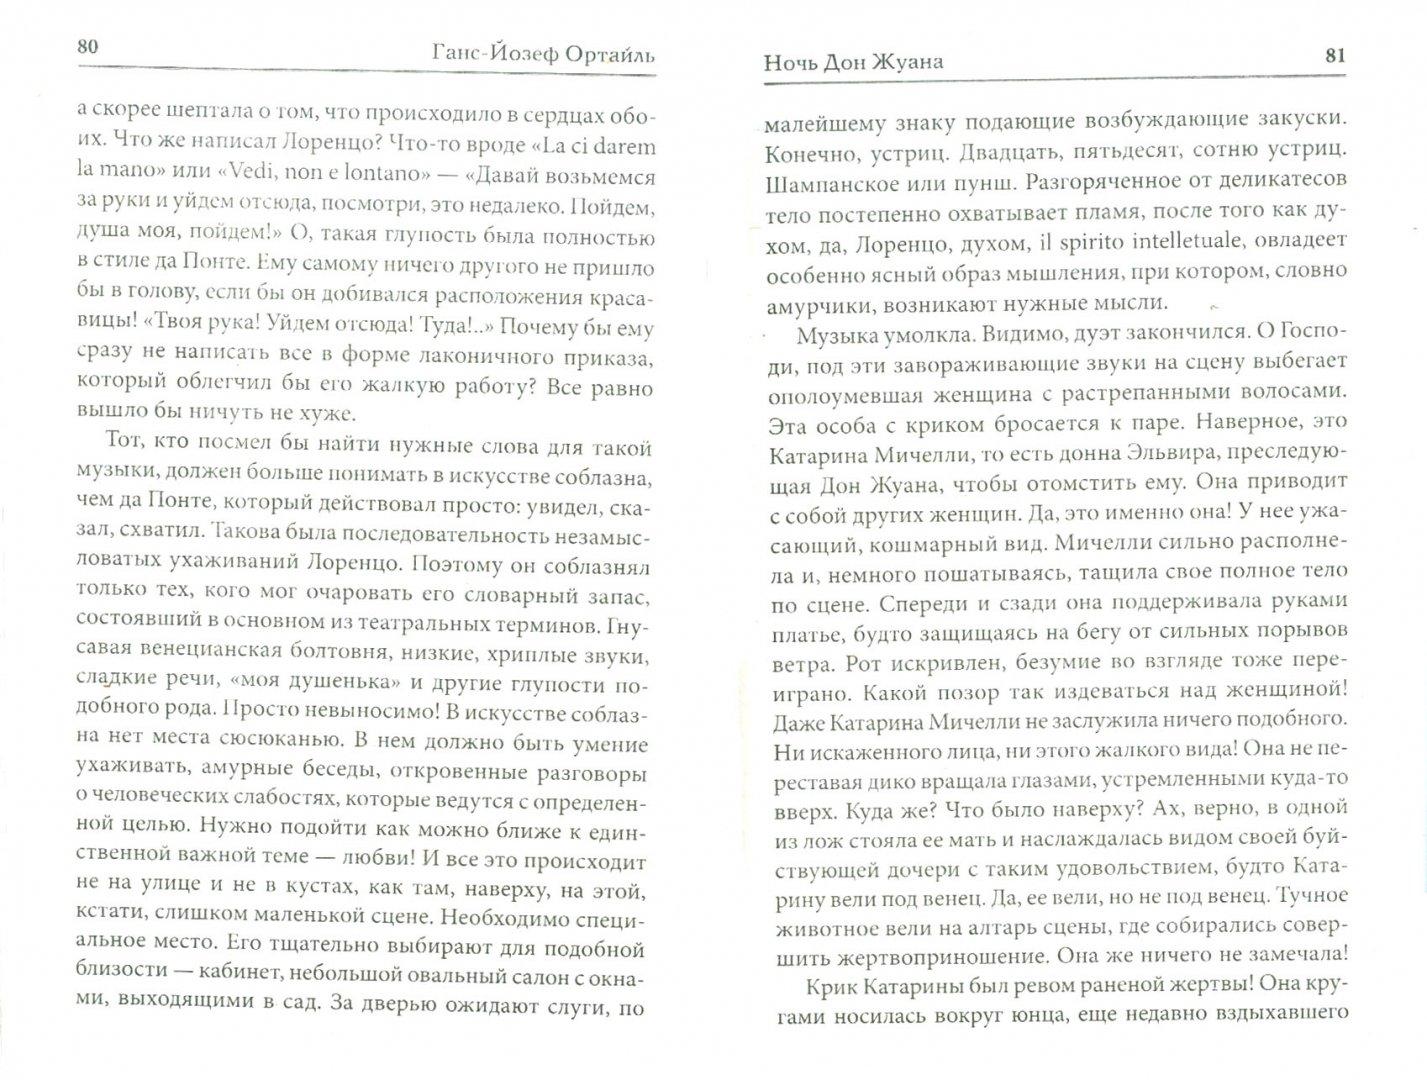 Иллюстрация 1 из 2 для Ночь Дон Жуана - Ганс-Йозеф Ортайль | Лабиринт - книги. Источник: Лабиринт